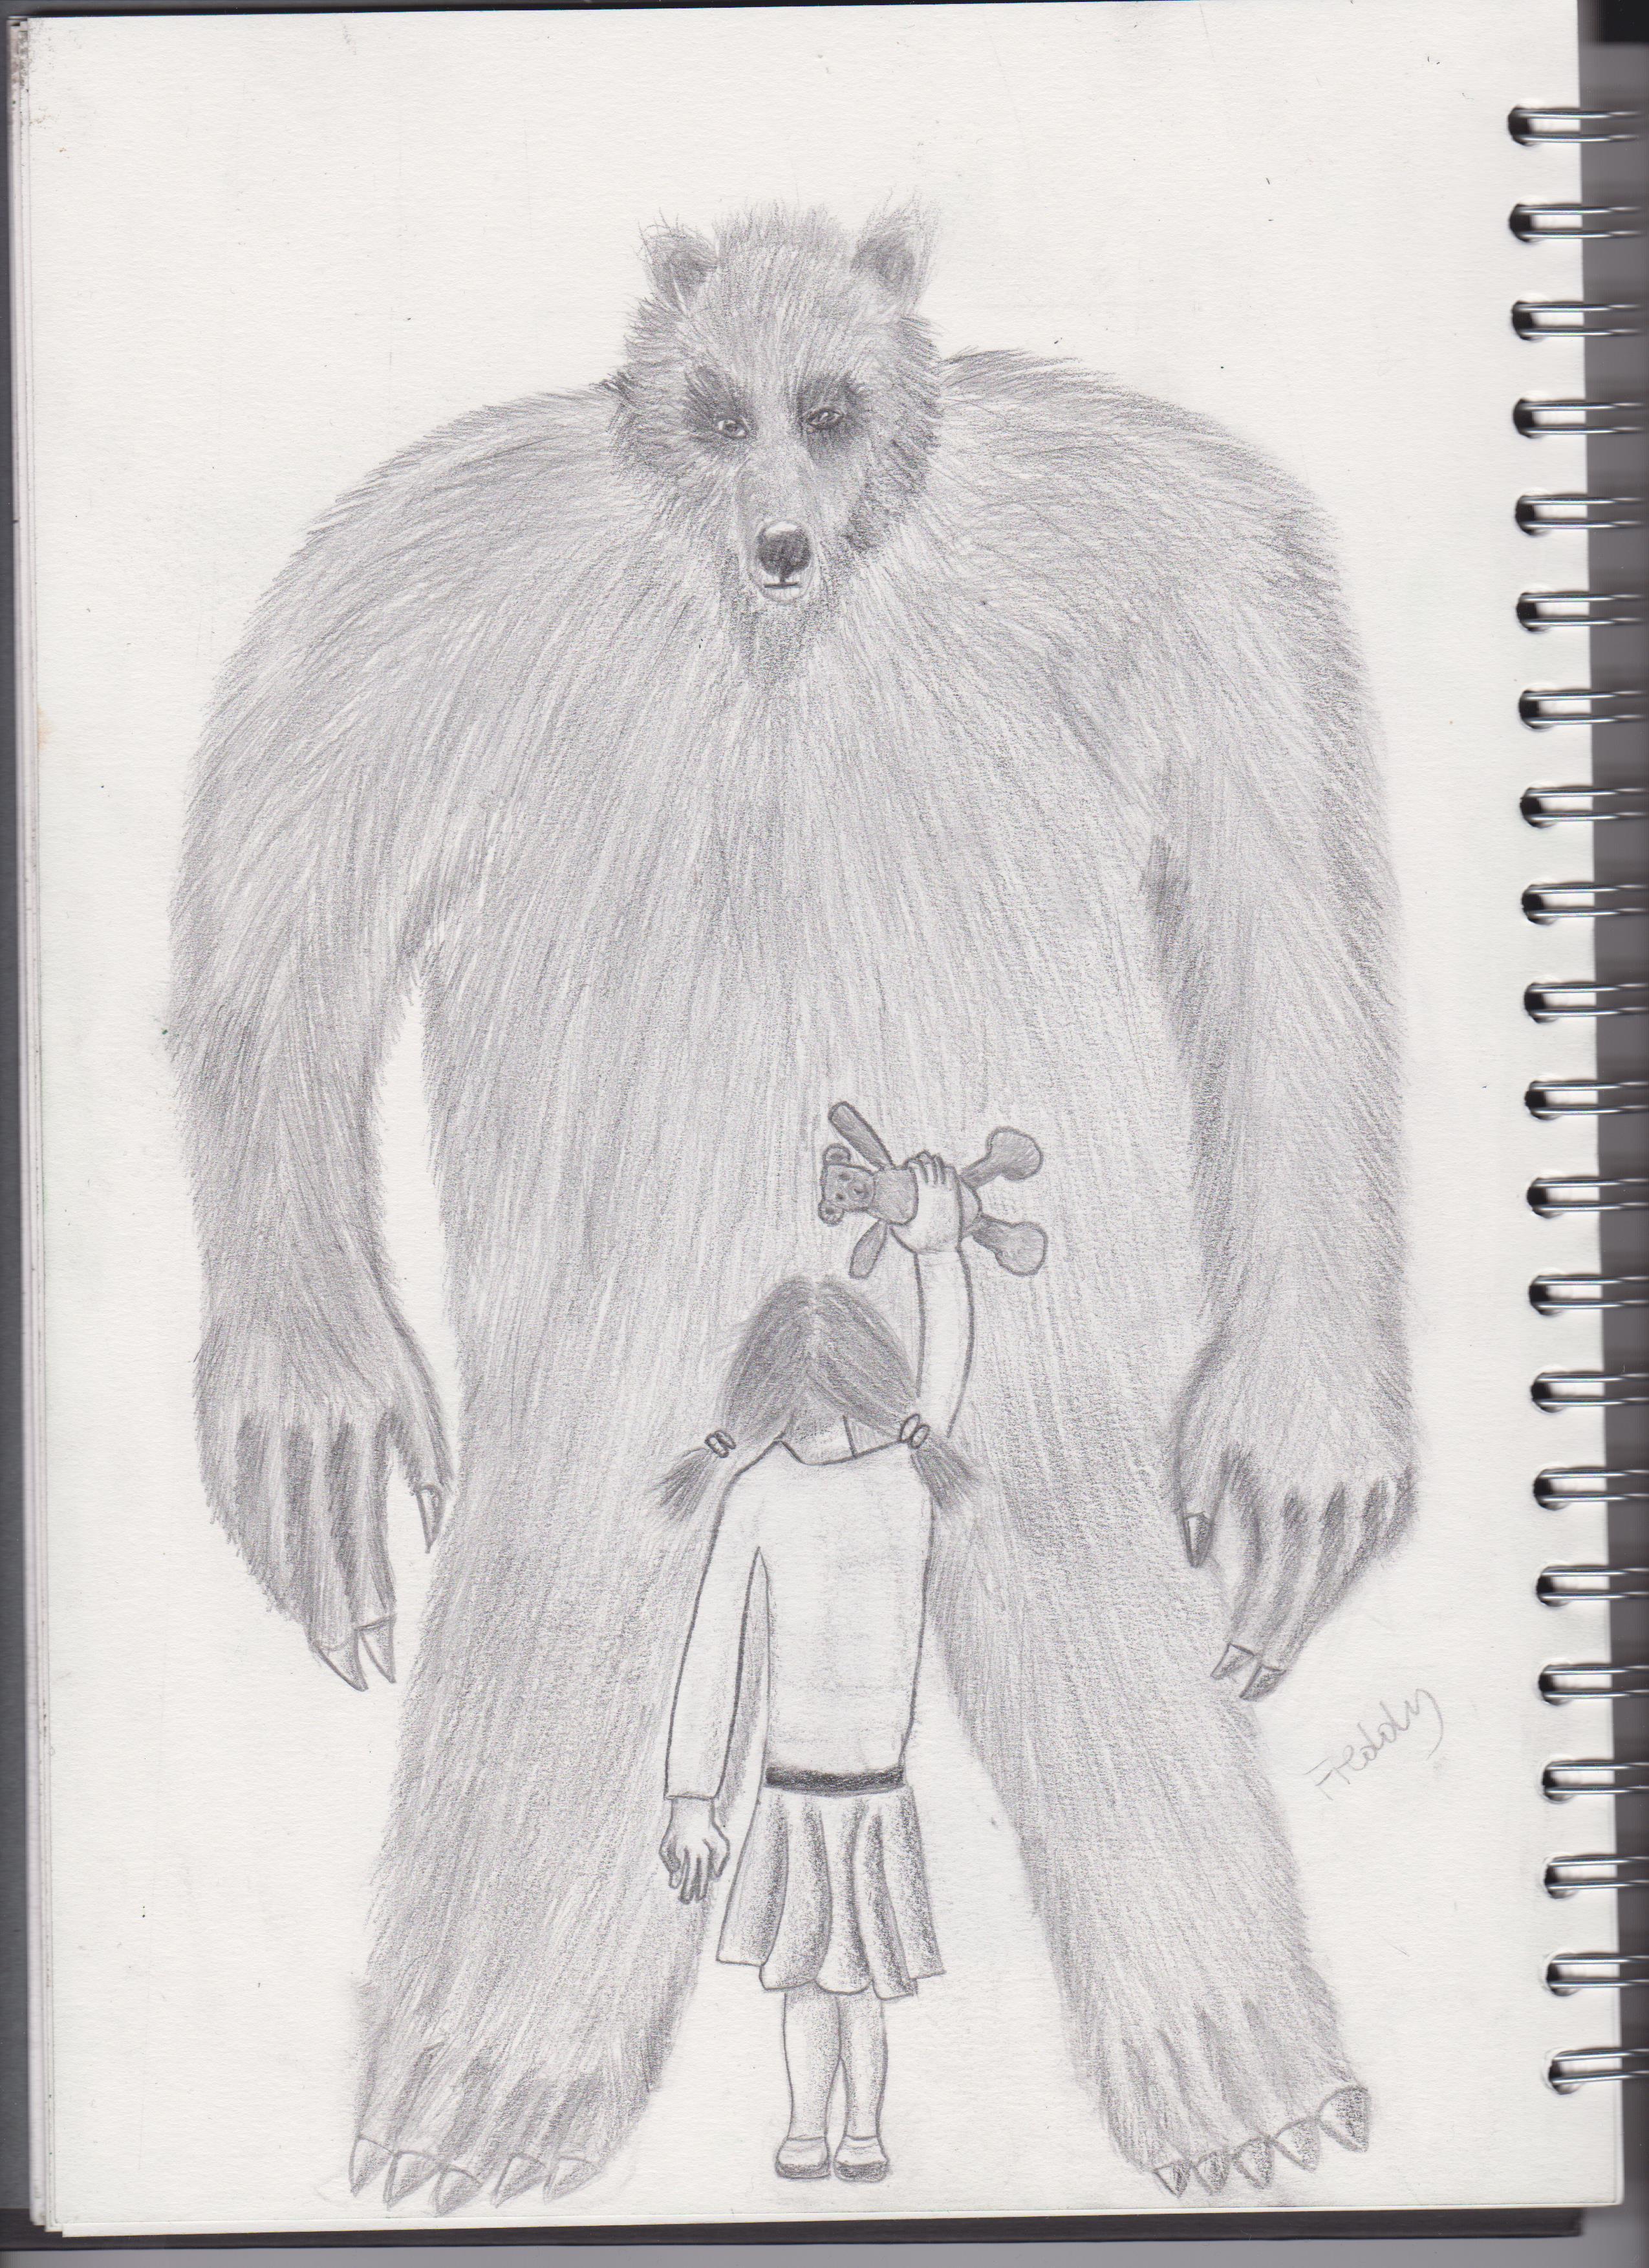 Do you like my Teddybear?